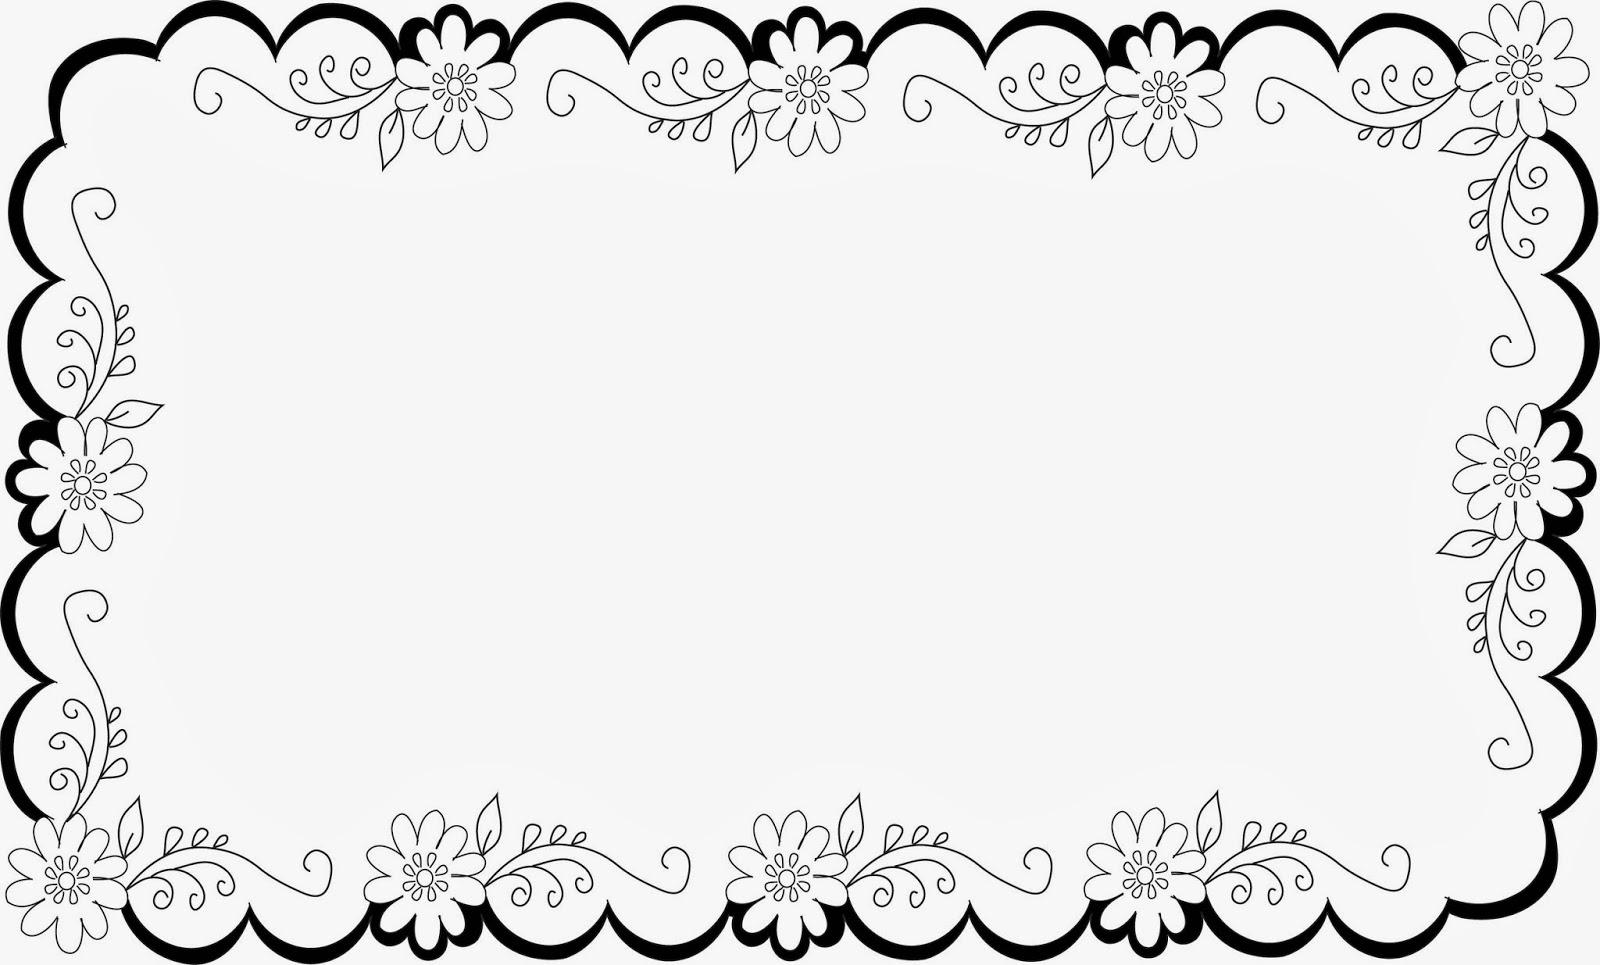 sh yn design mmedc flower frame. Black Bedroom Furniture Sets. Home Design Ideas